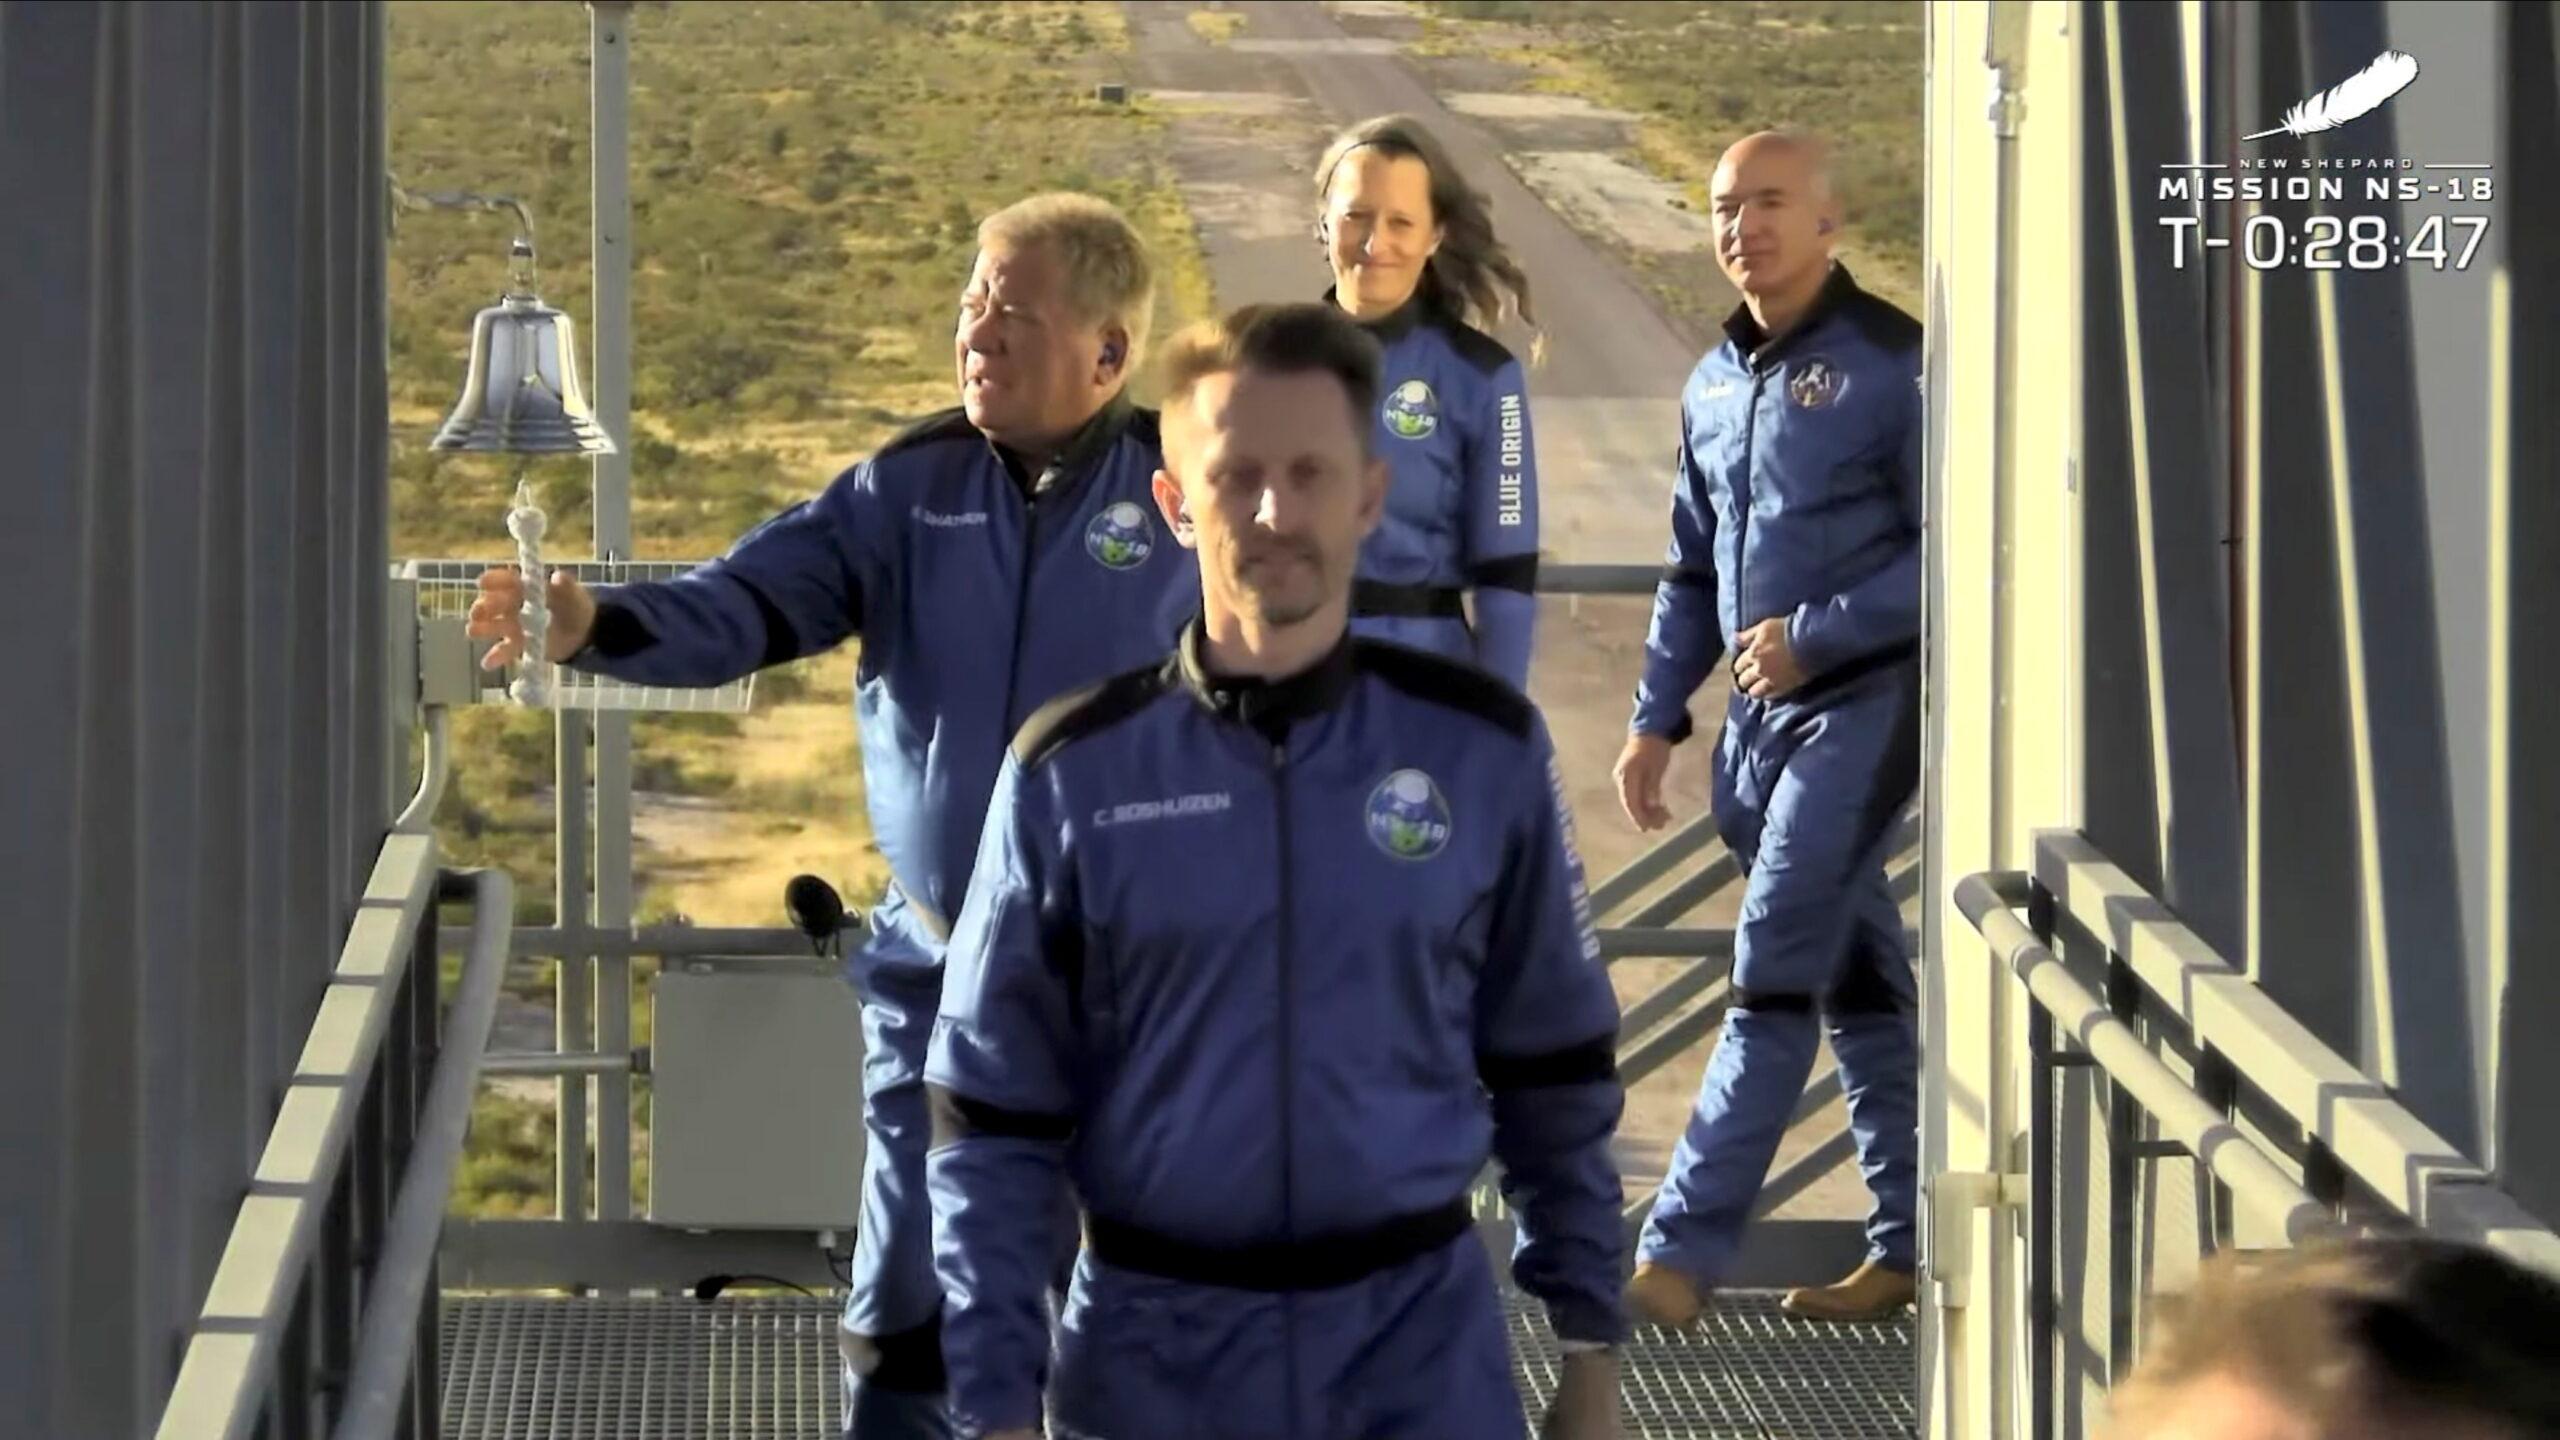 """""""Diferente de tudo que eu já vi"""". Confira as imagens da emocionante viagem do Capitão Kirk ao espaço"""